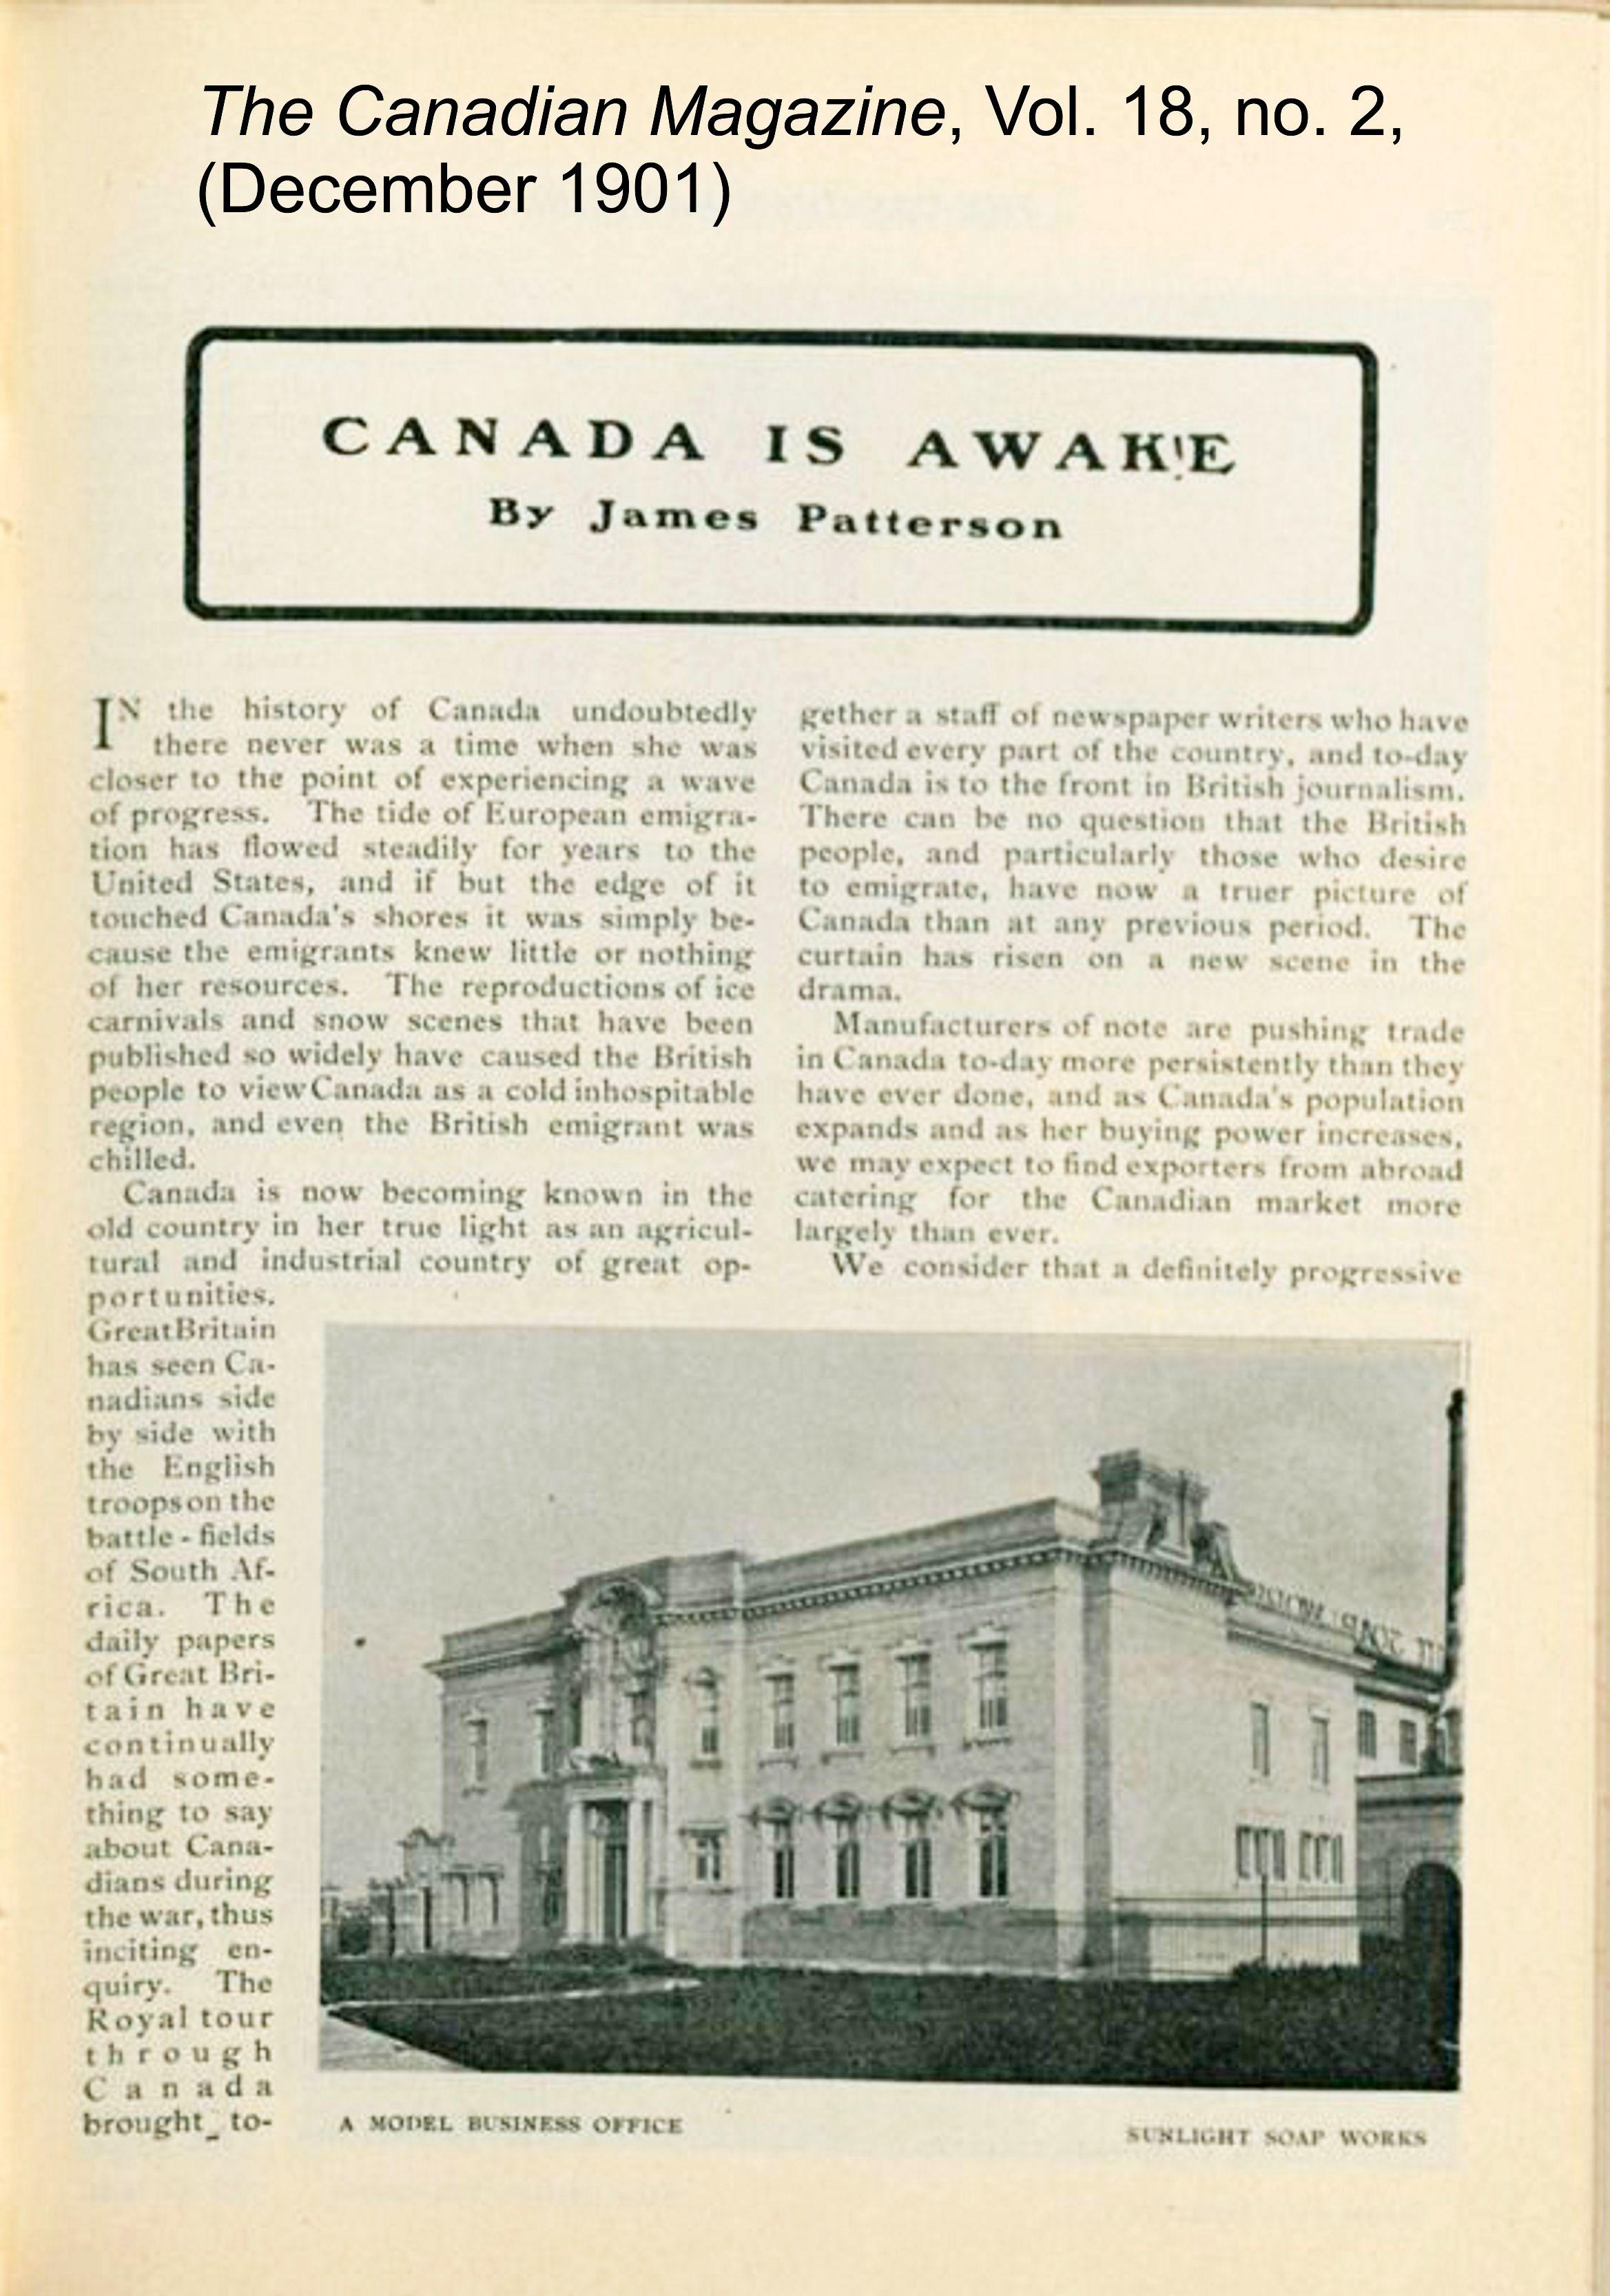 19011200 The Canadian magazine Vol. 18, no. 2 (Dec. 1901) 29